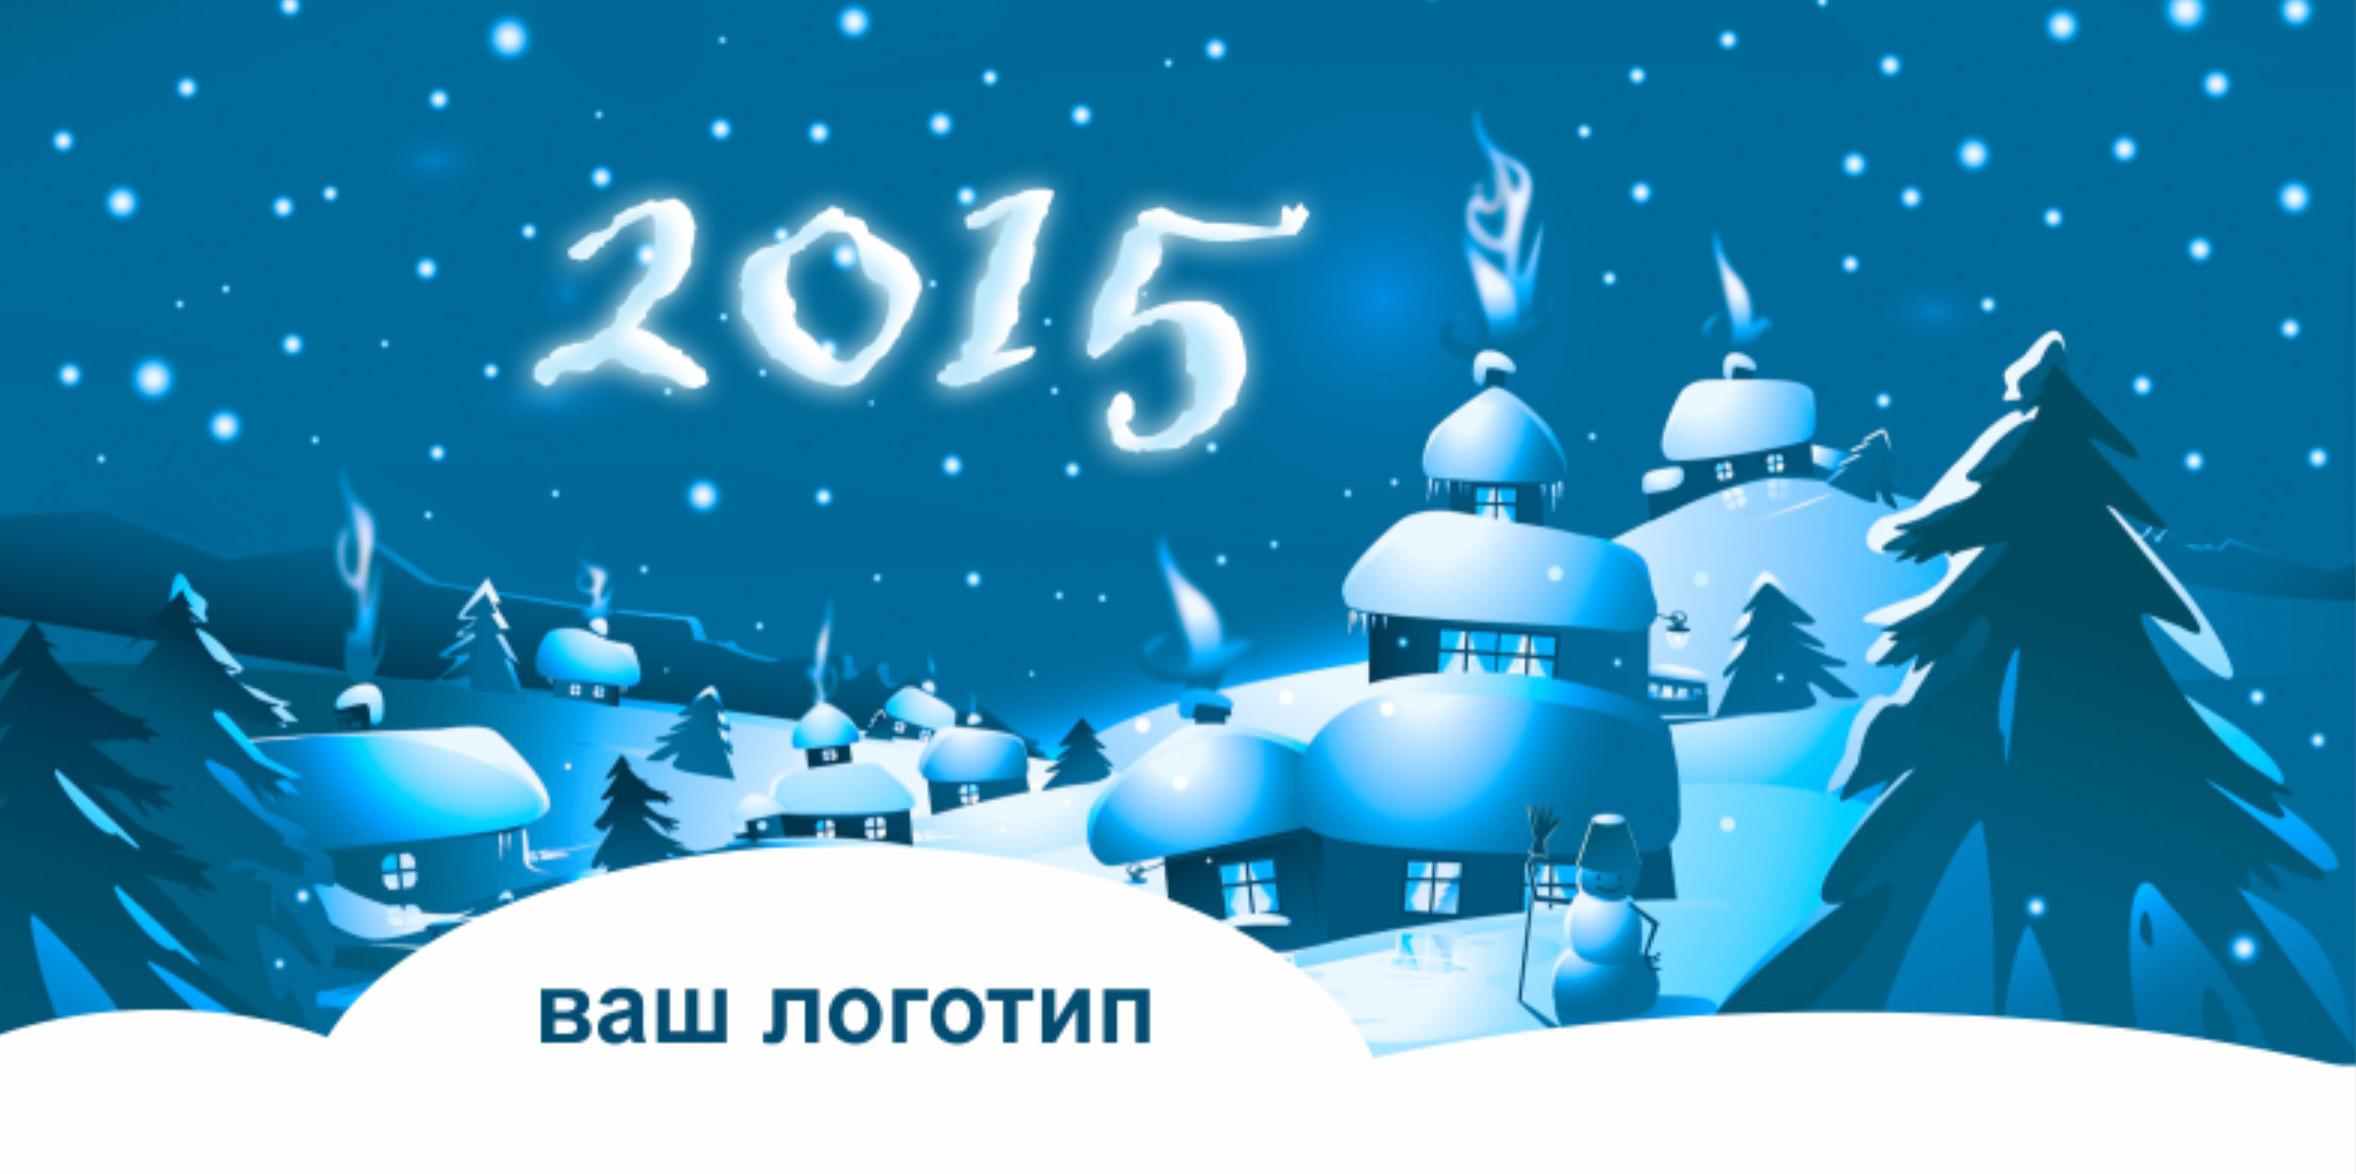 Новогодние открытка 2015 смотреть онлайн, фотошопе заменить зеленый